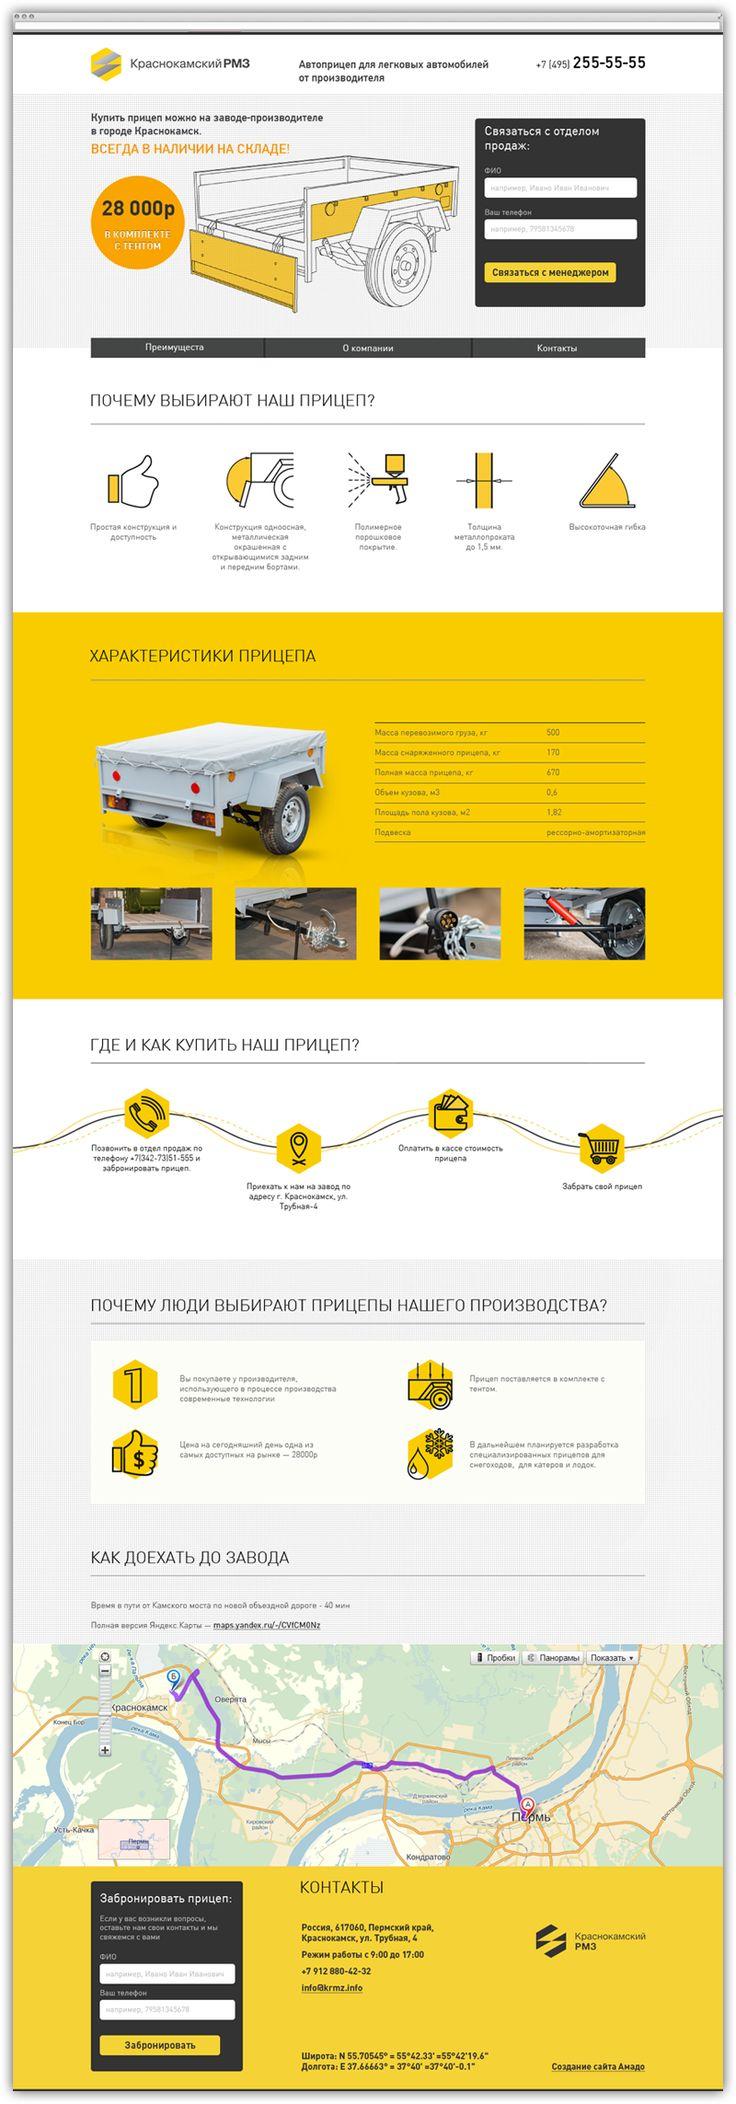 Создание продающей страницы прицепа для легкового автомобиля - портфолио | Amado